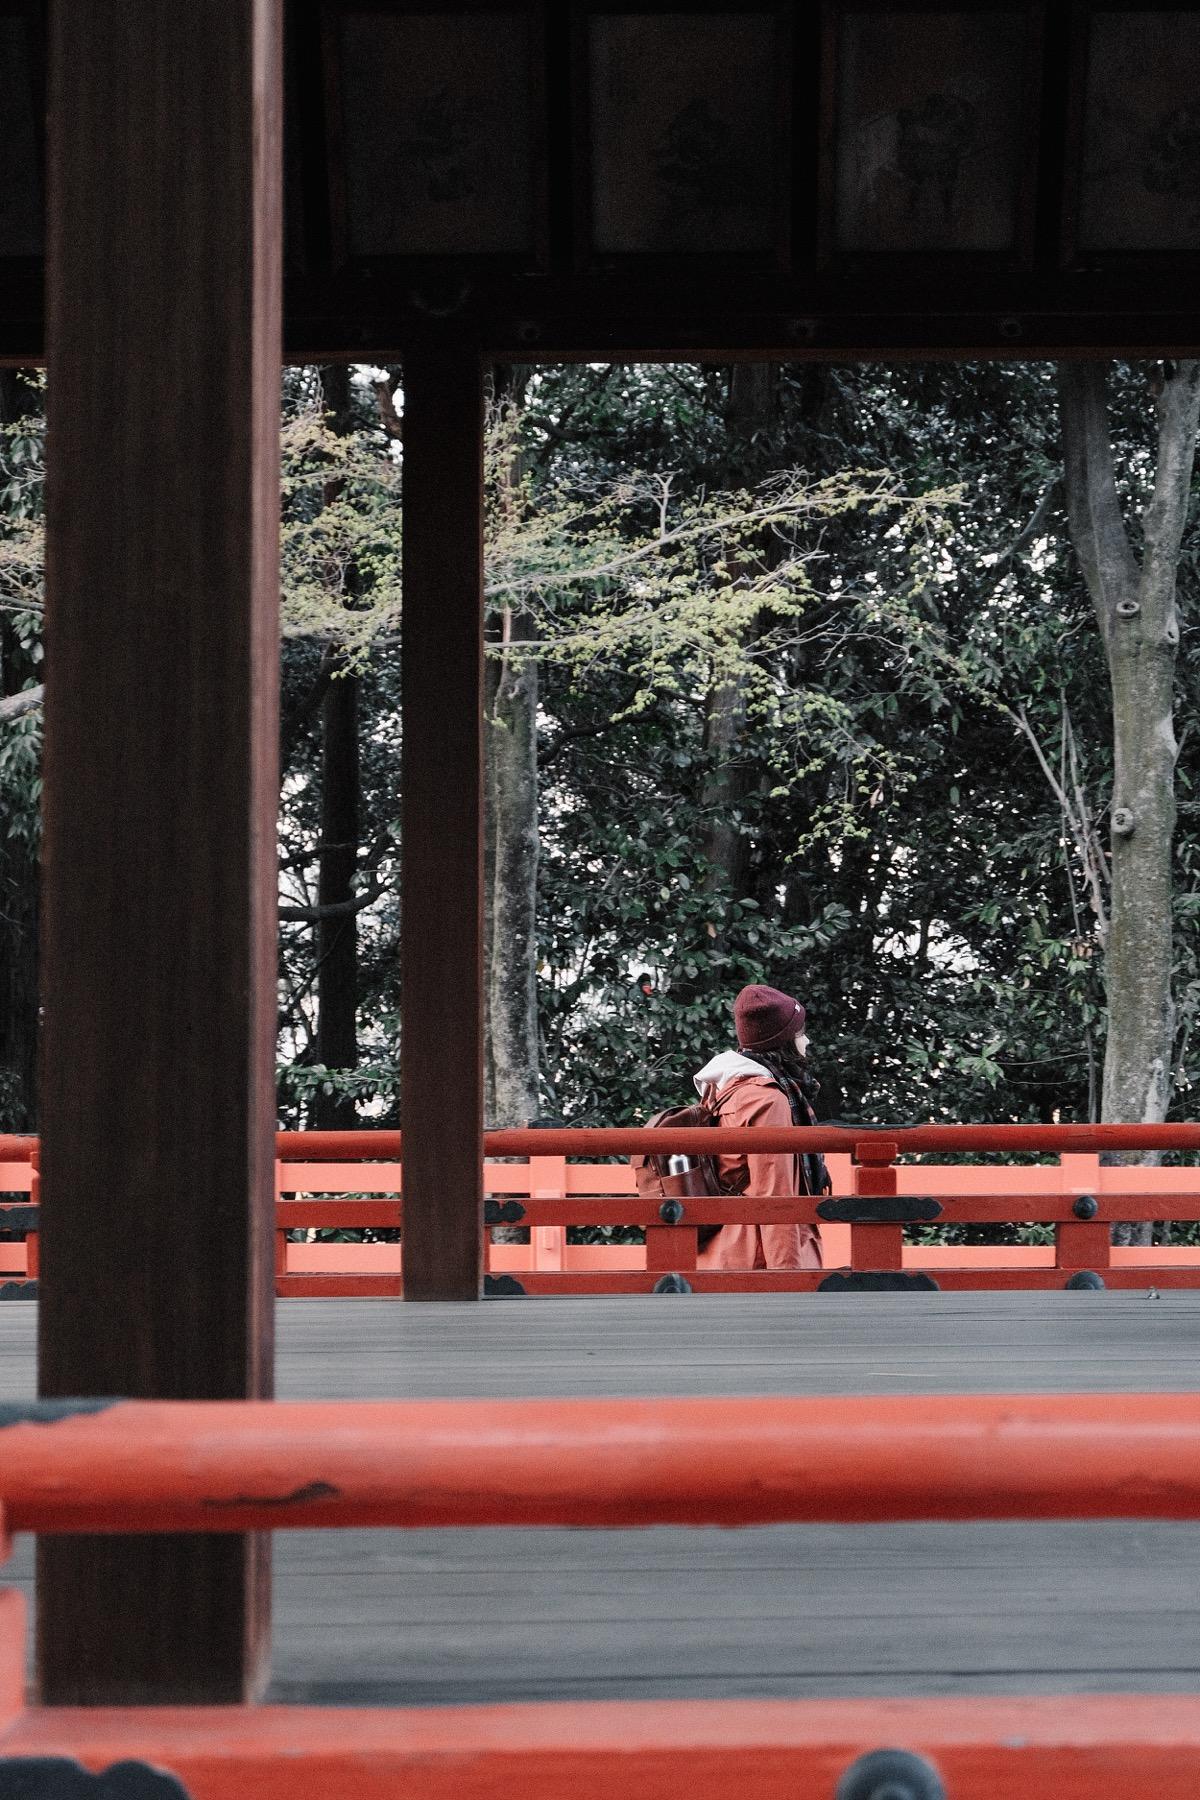 Kinlake-Kyoto-Lifestyle-2018-6997